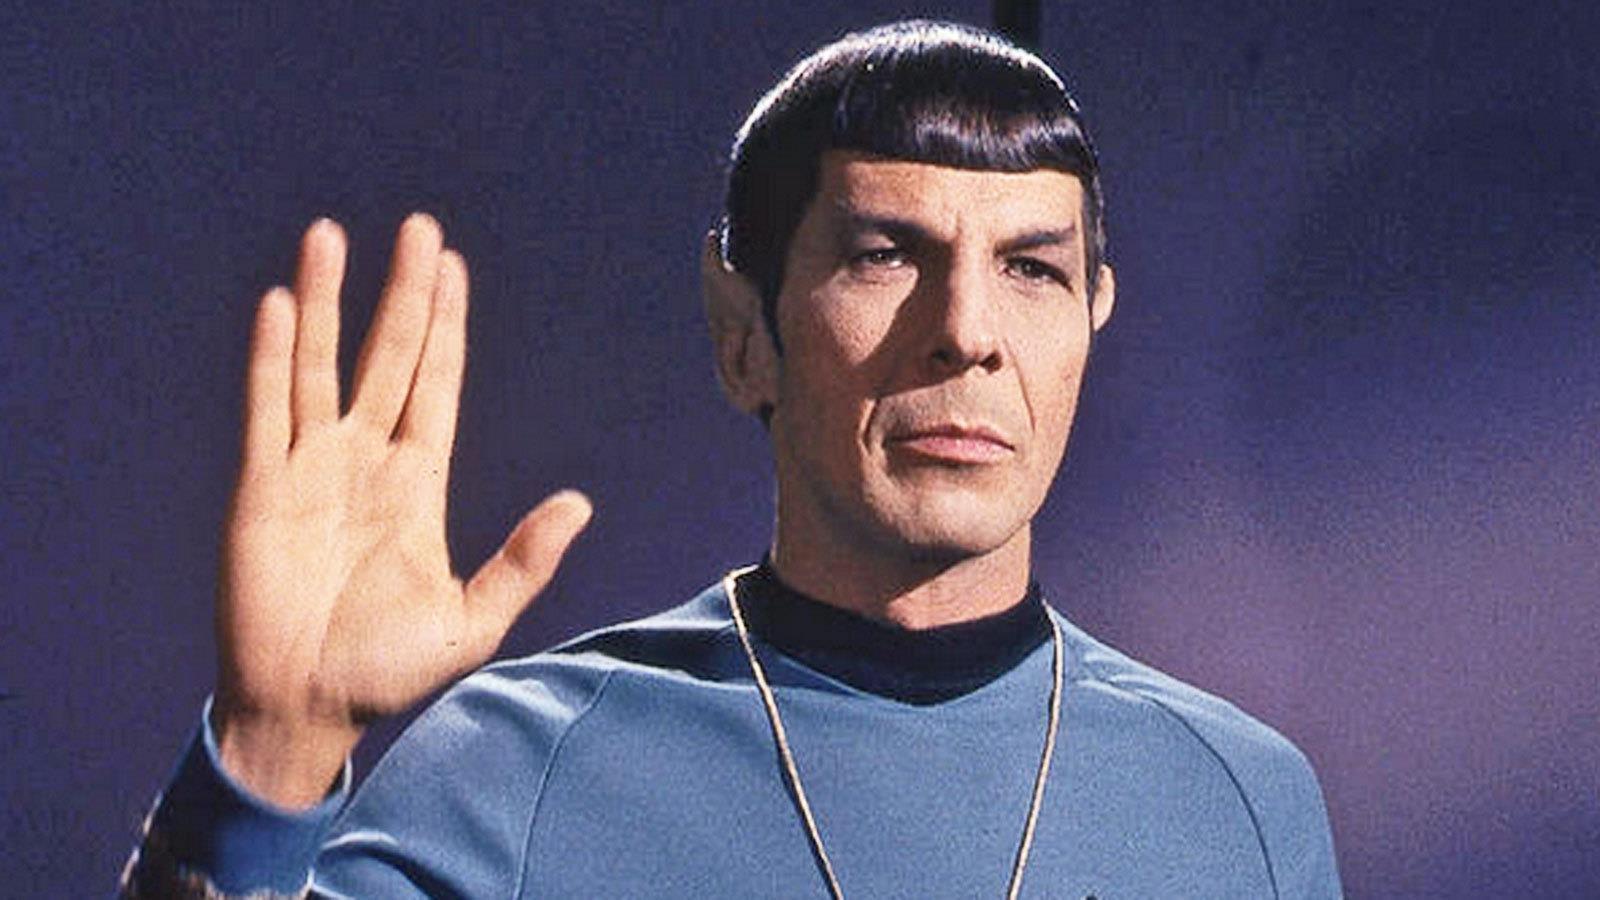 1931-2015 Jesuit und Jude Leonard Nimoy. Schauspieler. In Star Trek spielte er Mr. Spock. Das Handzeichen ist ein rituelles Rabbizeichen.